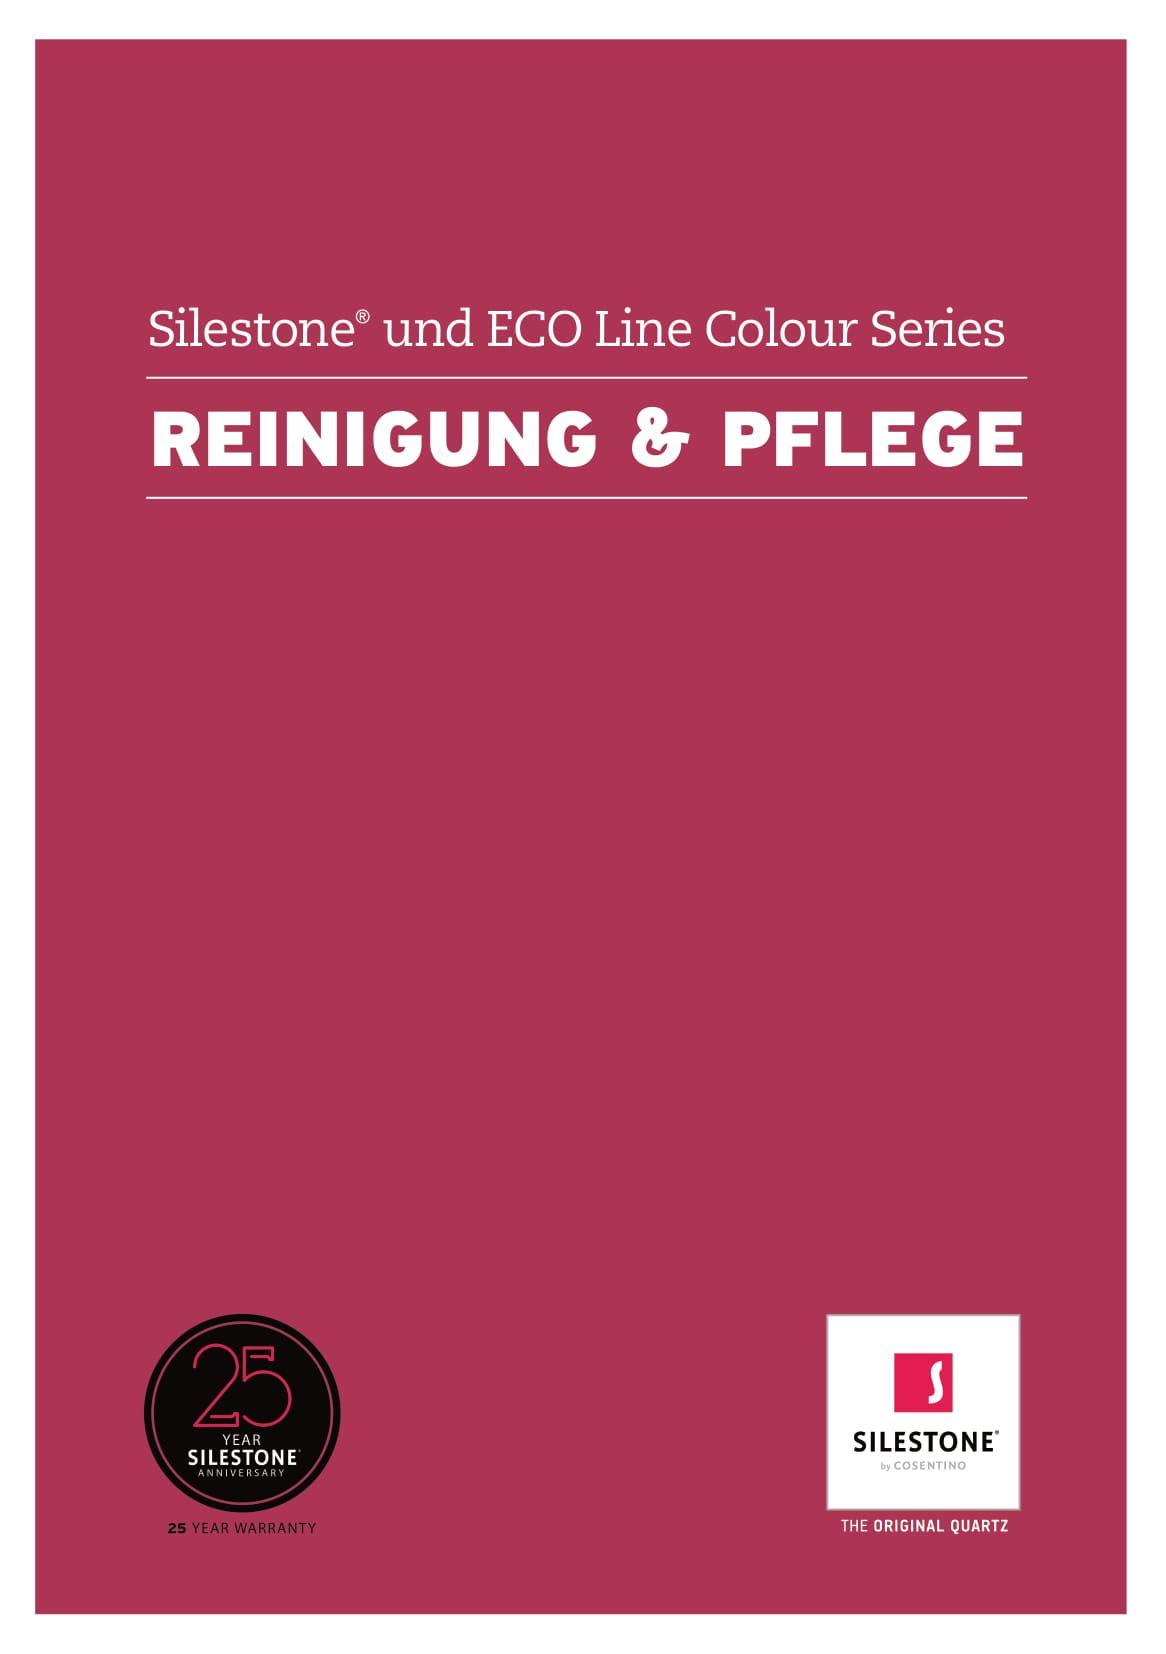 Silestone Reinigung Pflege_18.09.2019-1